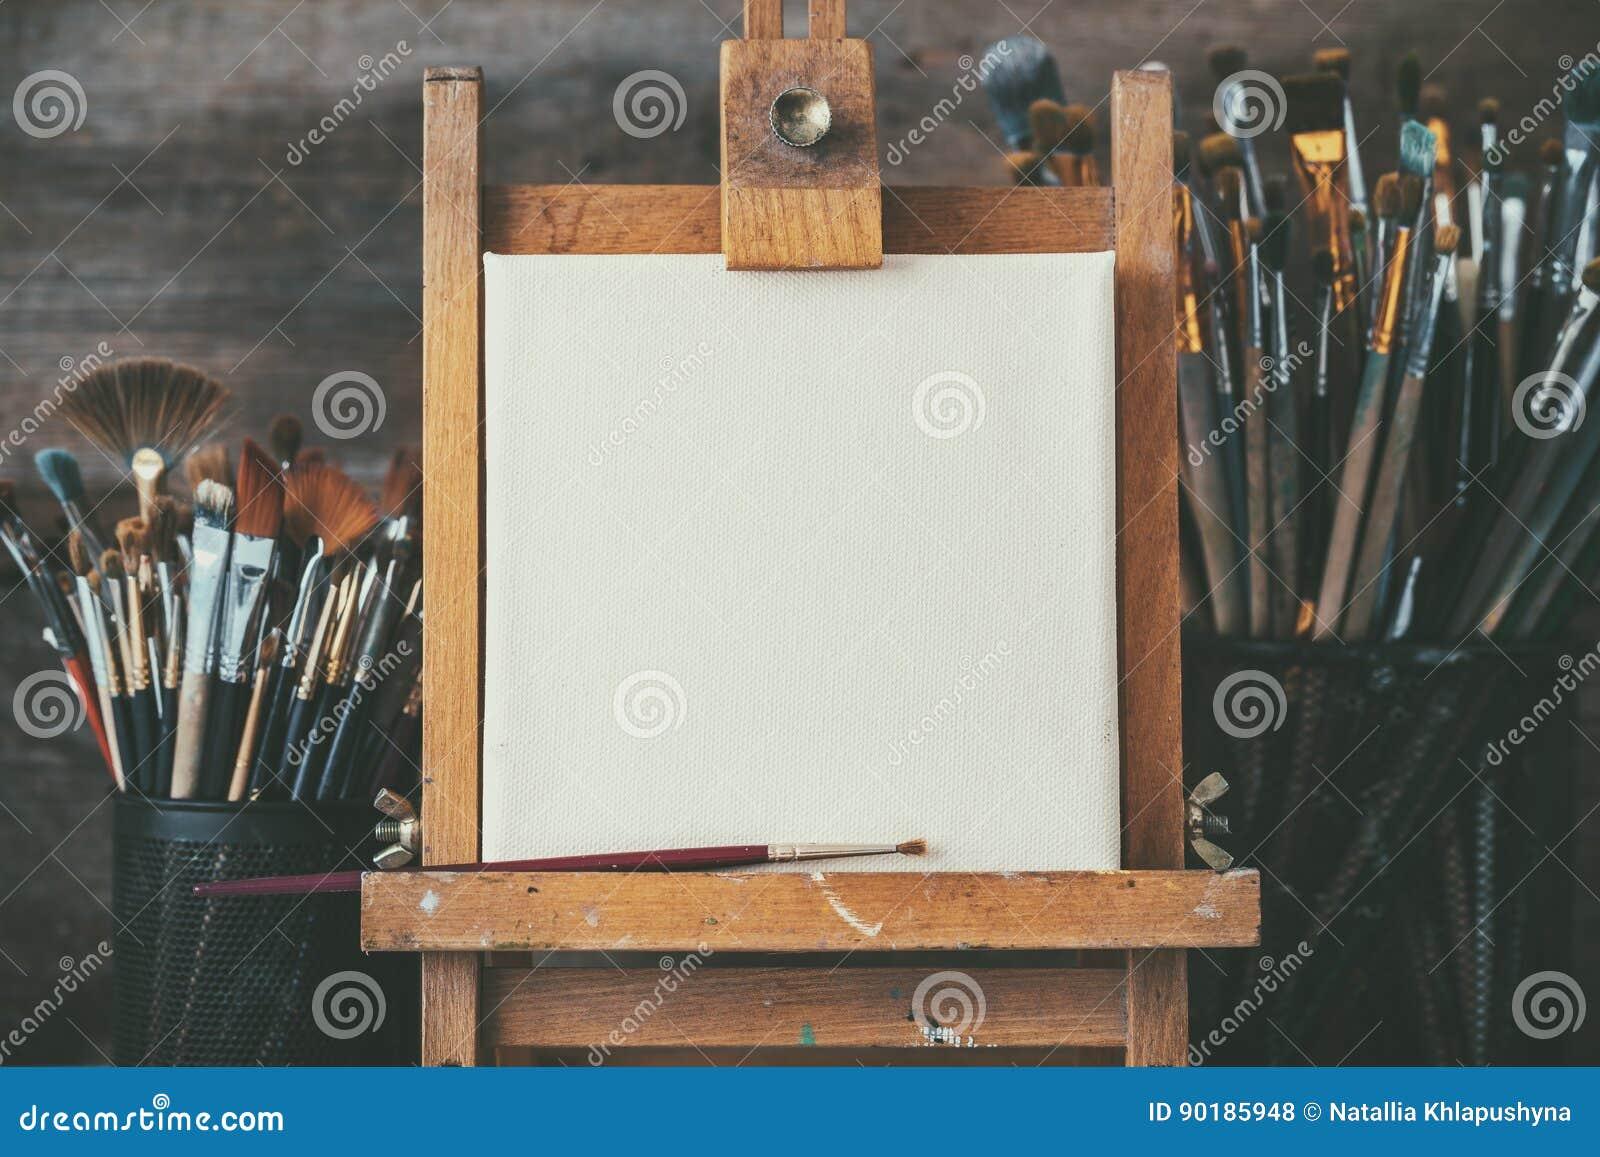 Konstnärlig utrustning i en konstnärstudio: tomma konstnärkanfas och borstar